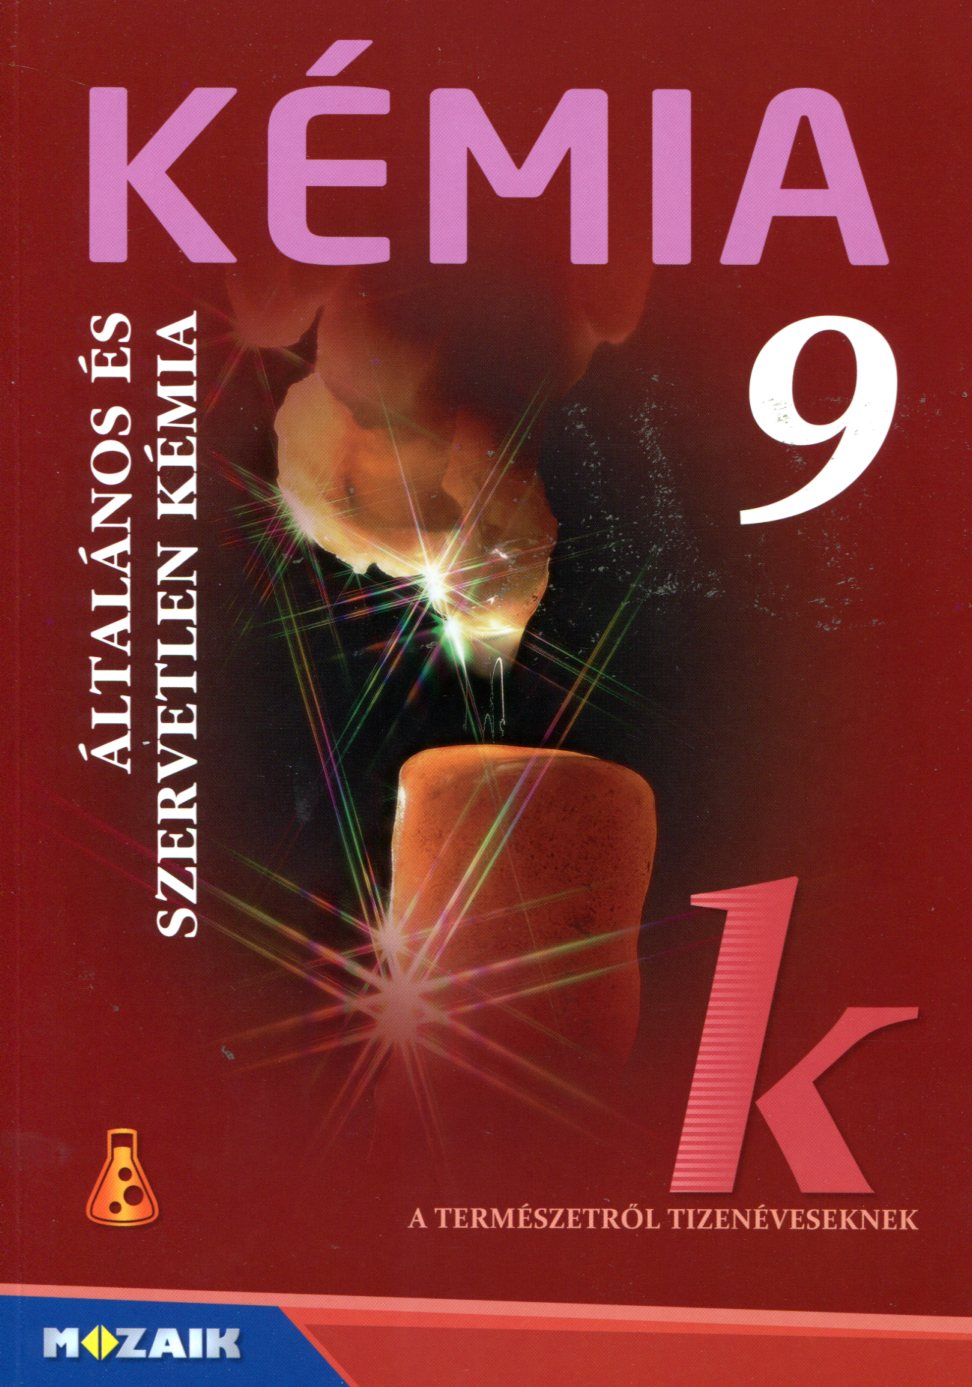 KÉMIA 9. Általános és szervetlen kémia tankönyv